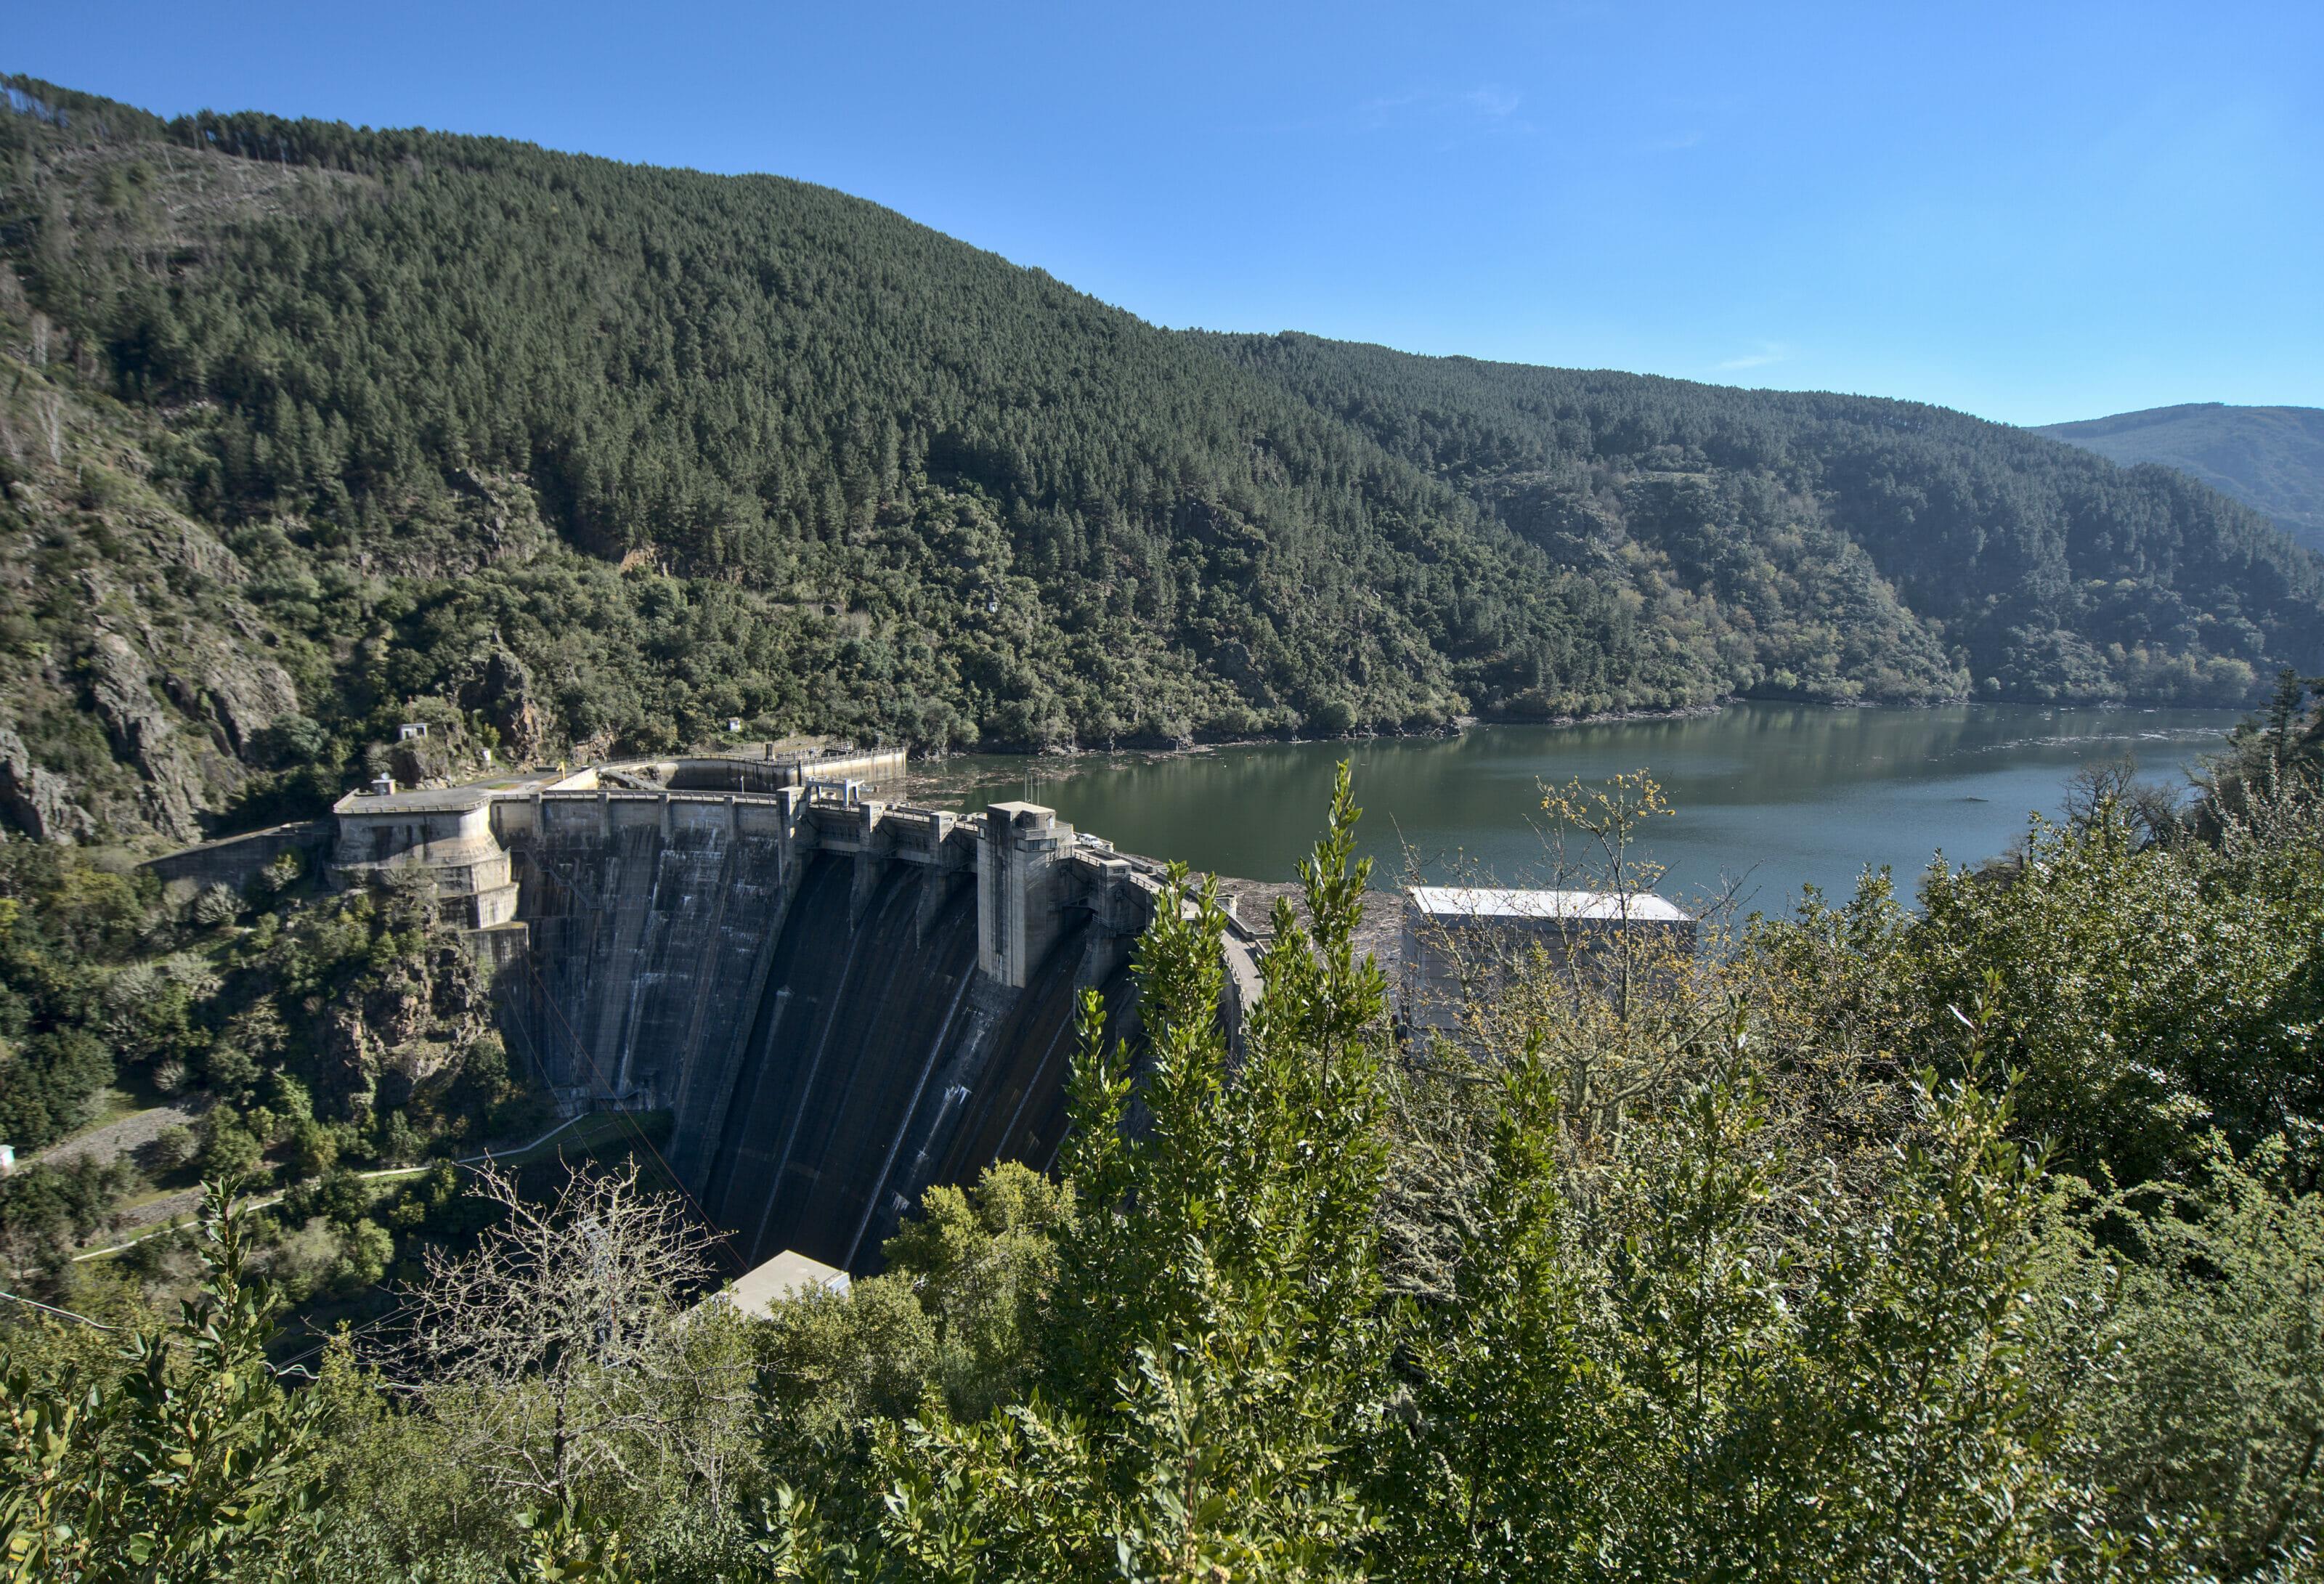 barrage ribeira sacra